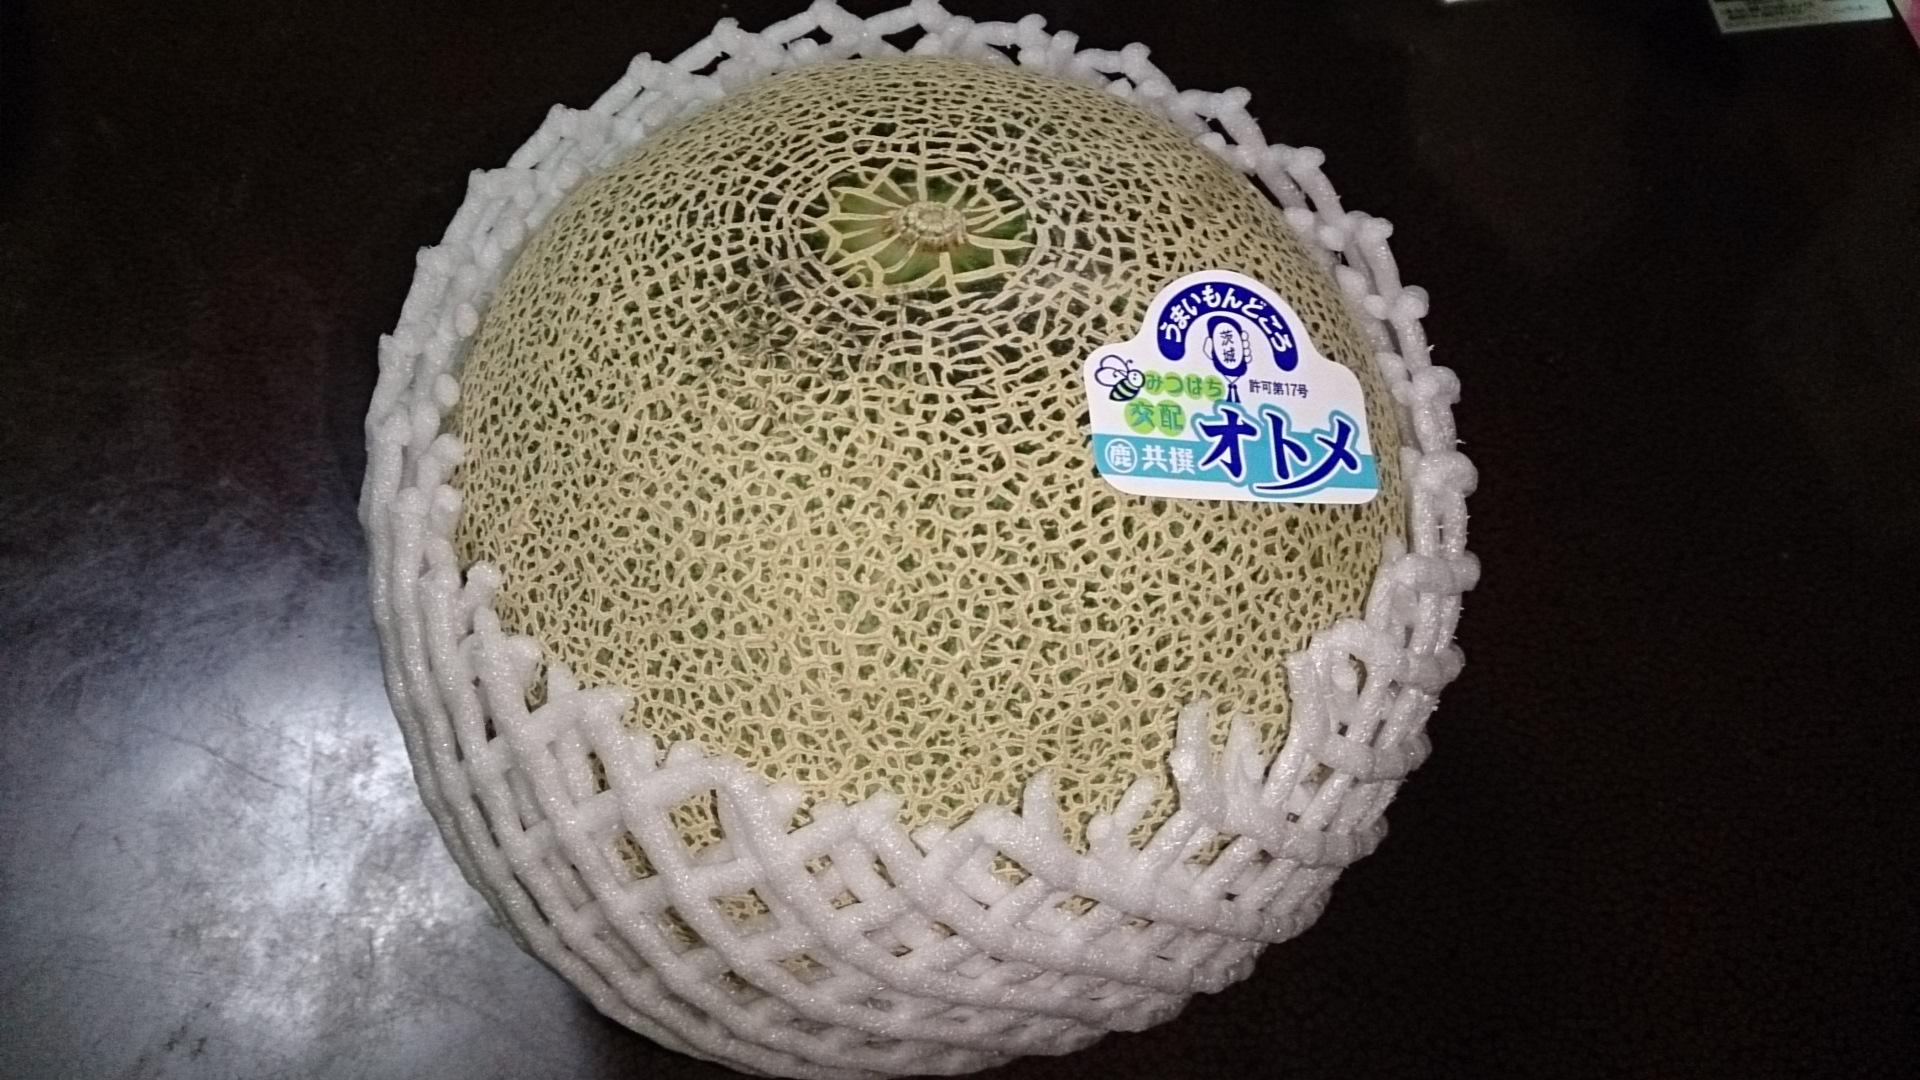 メロン好きの聖地!生産量日本一茨城県鉾田市のメロンの魅力のサムネイル画像